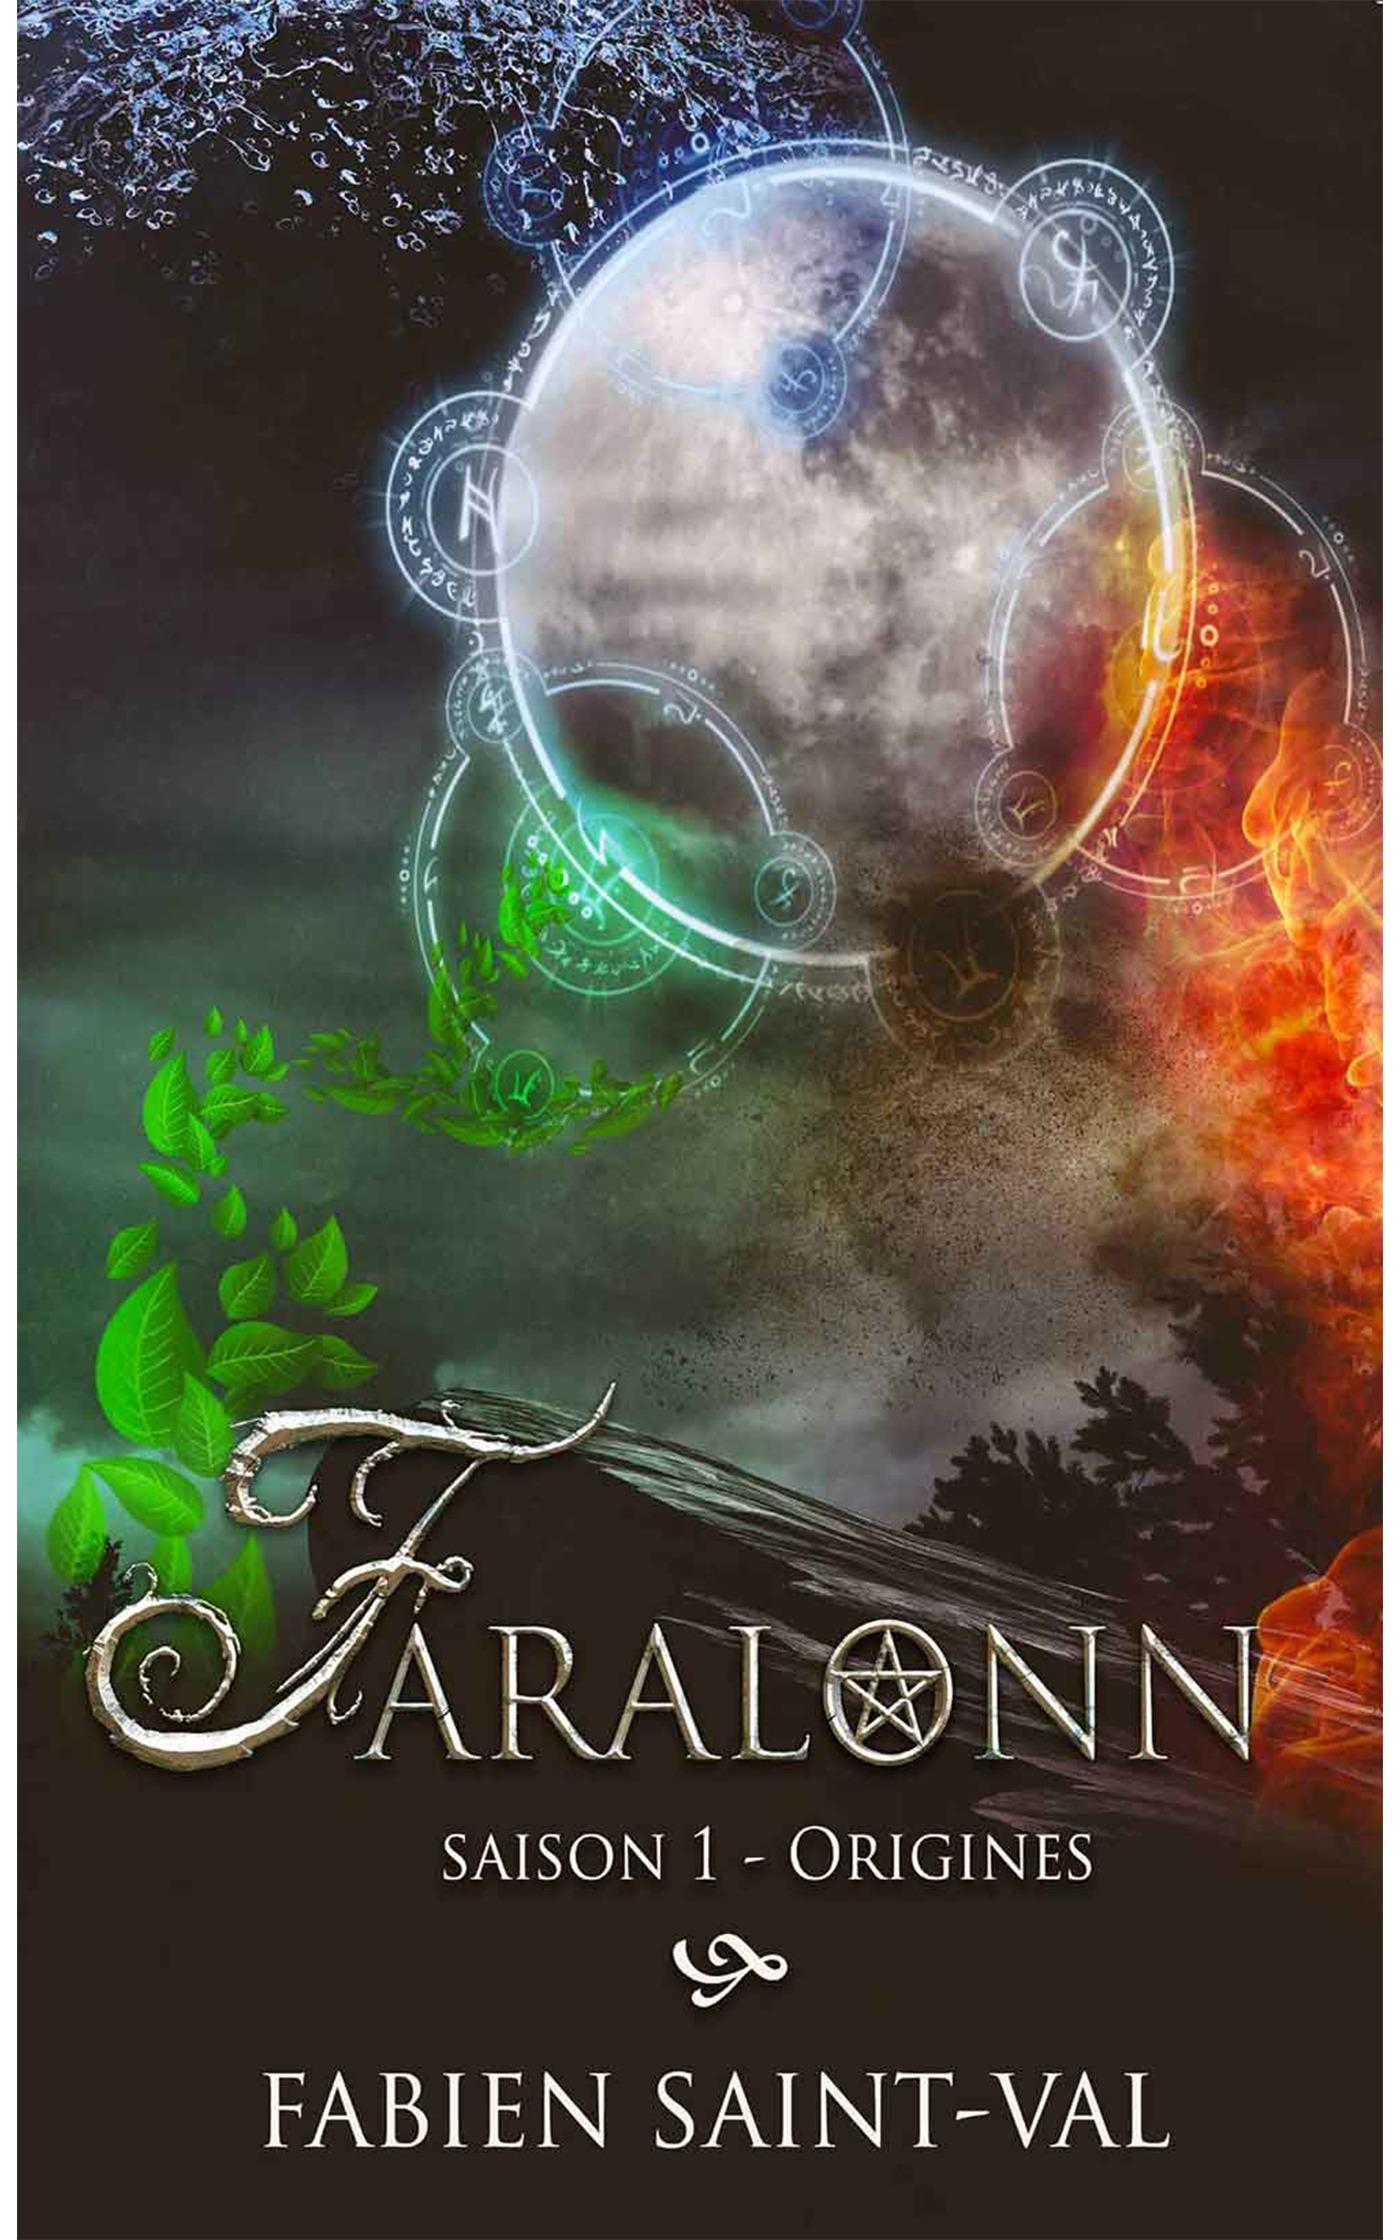 Saga Farlonn saison 1, ORIGINES